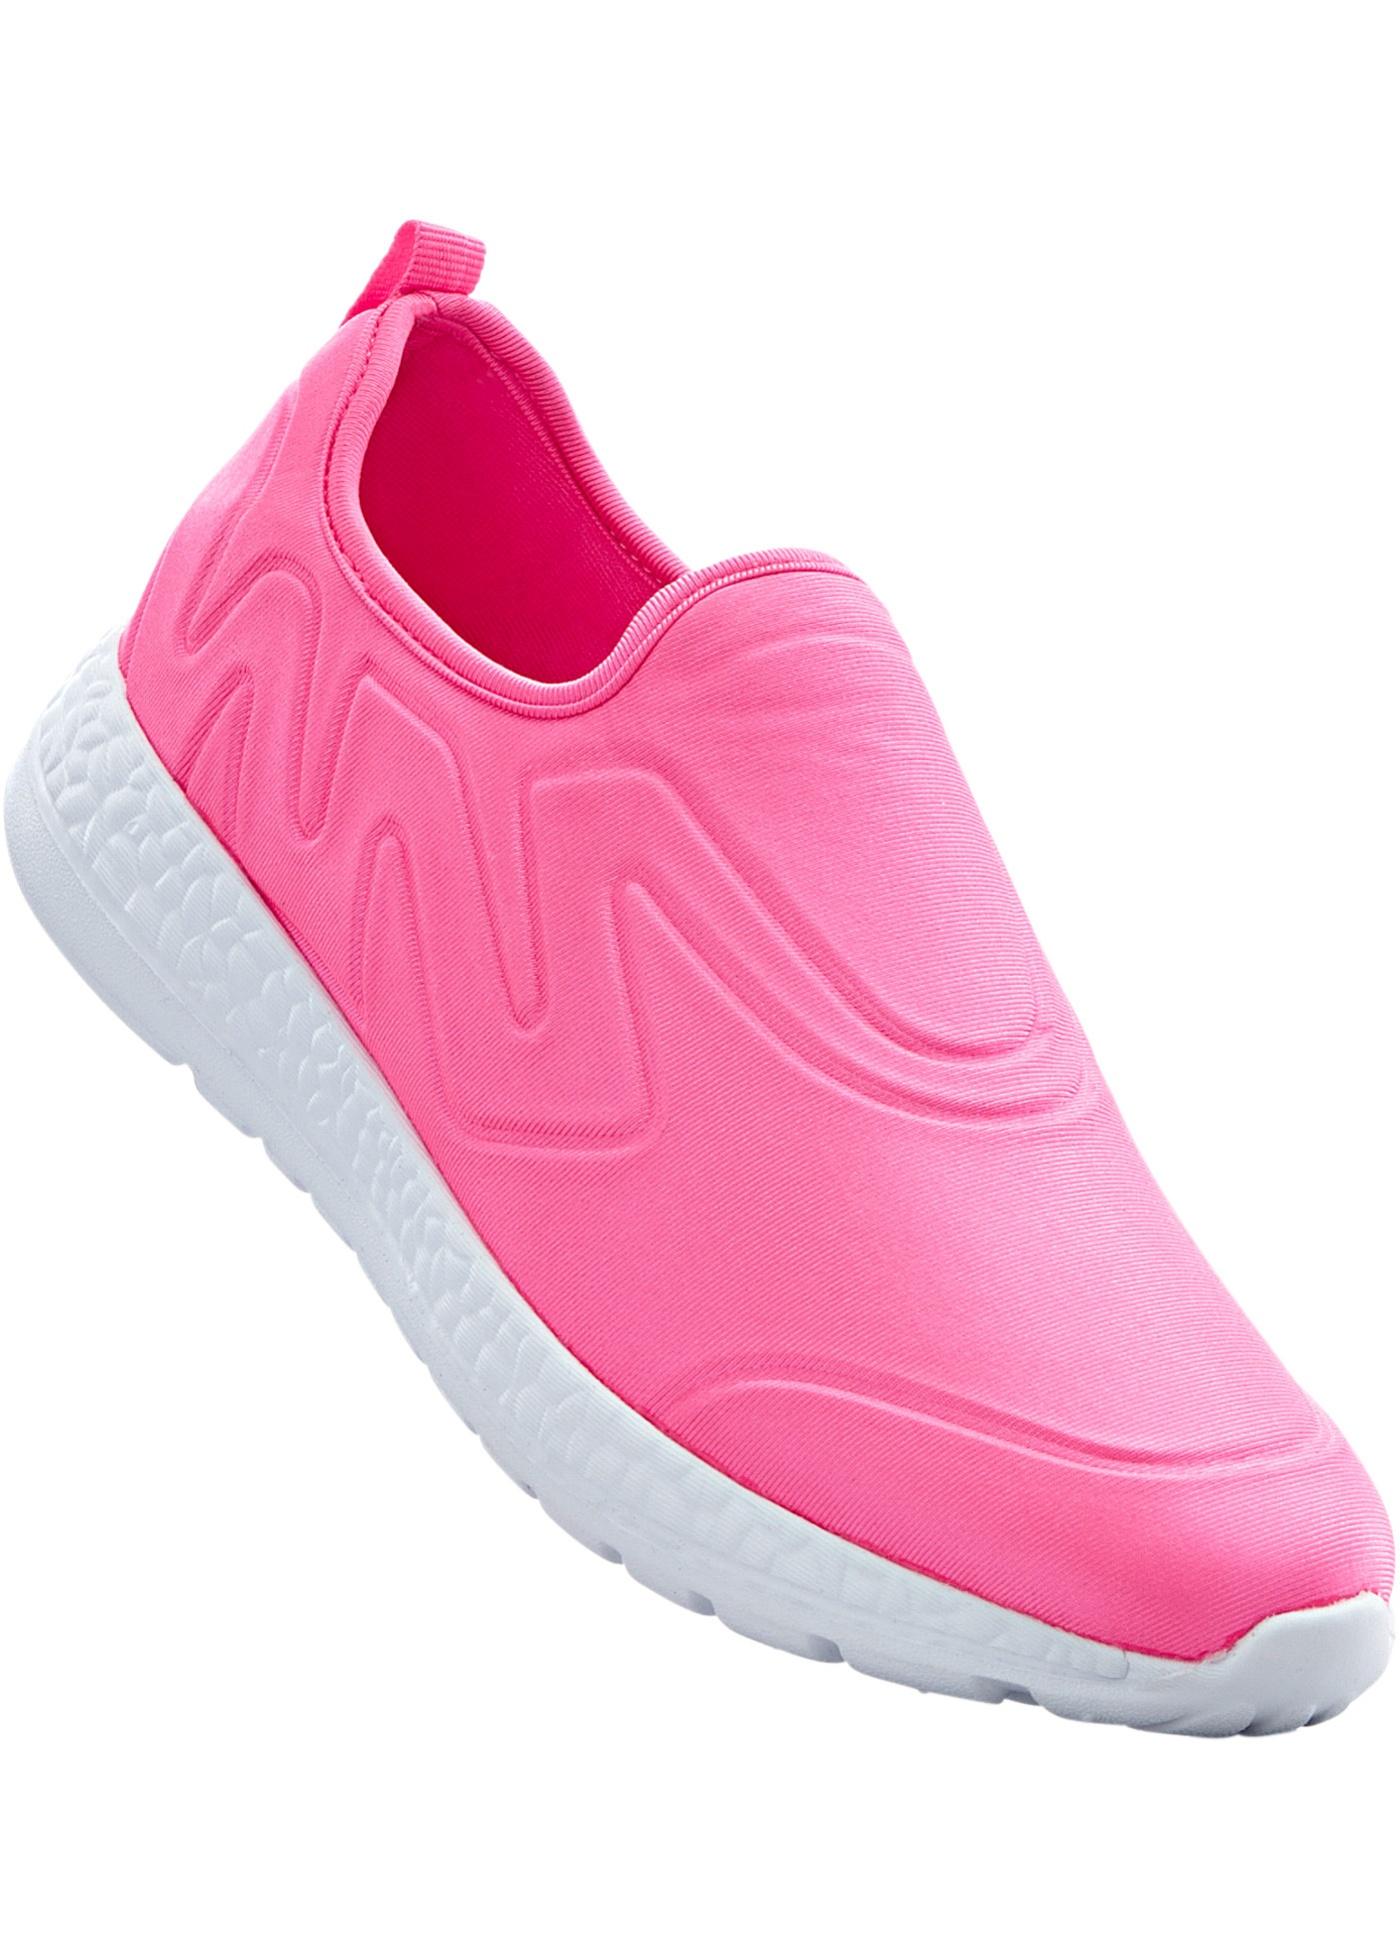 Sneakers avec première amovible, dessus souple avec rembourrage agréable, semelle extérieure très légère.